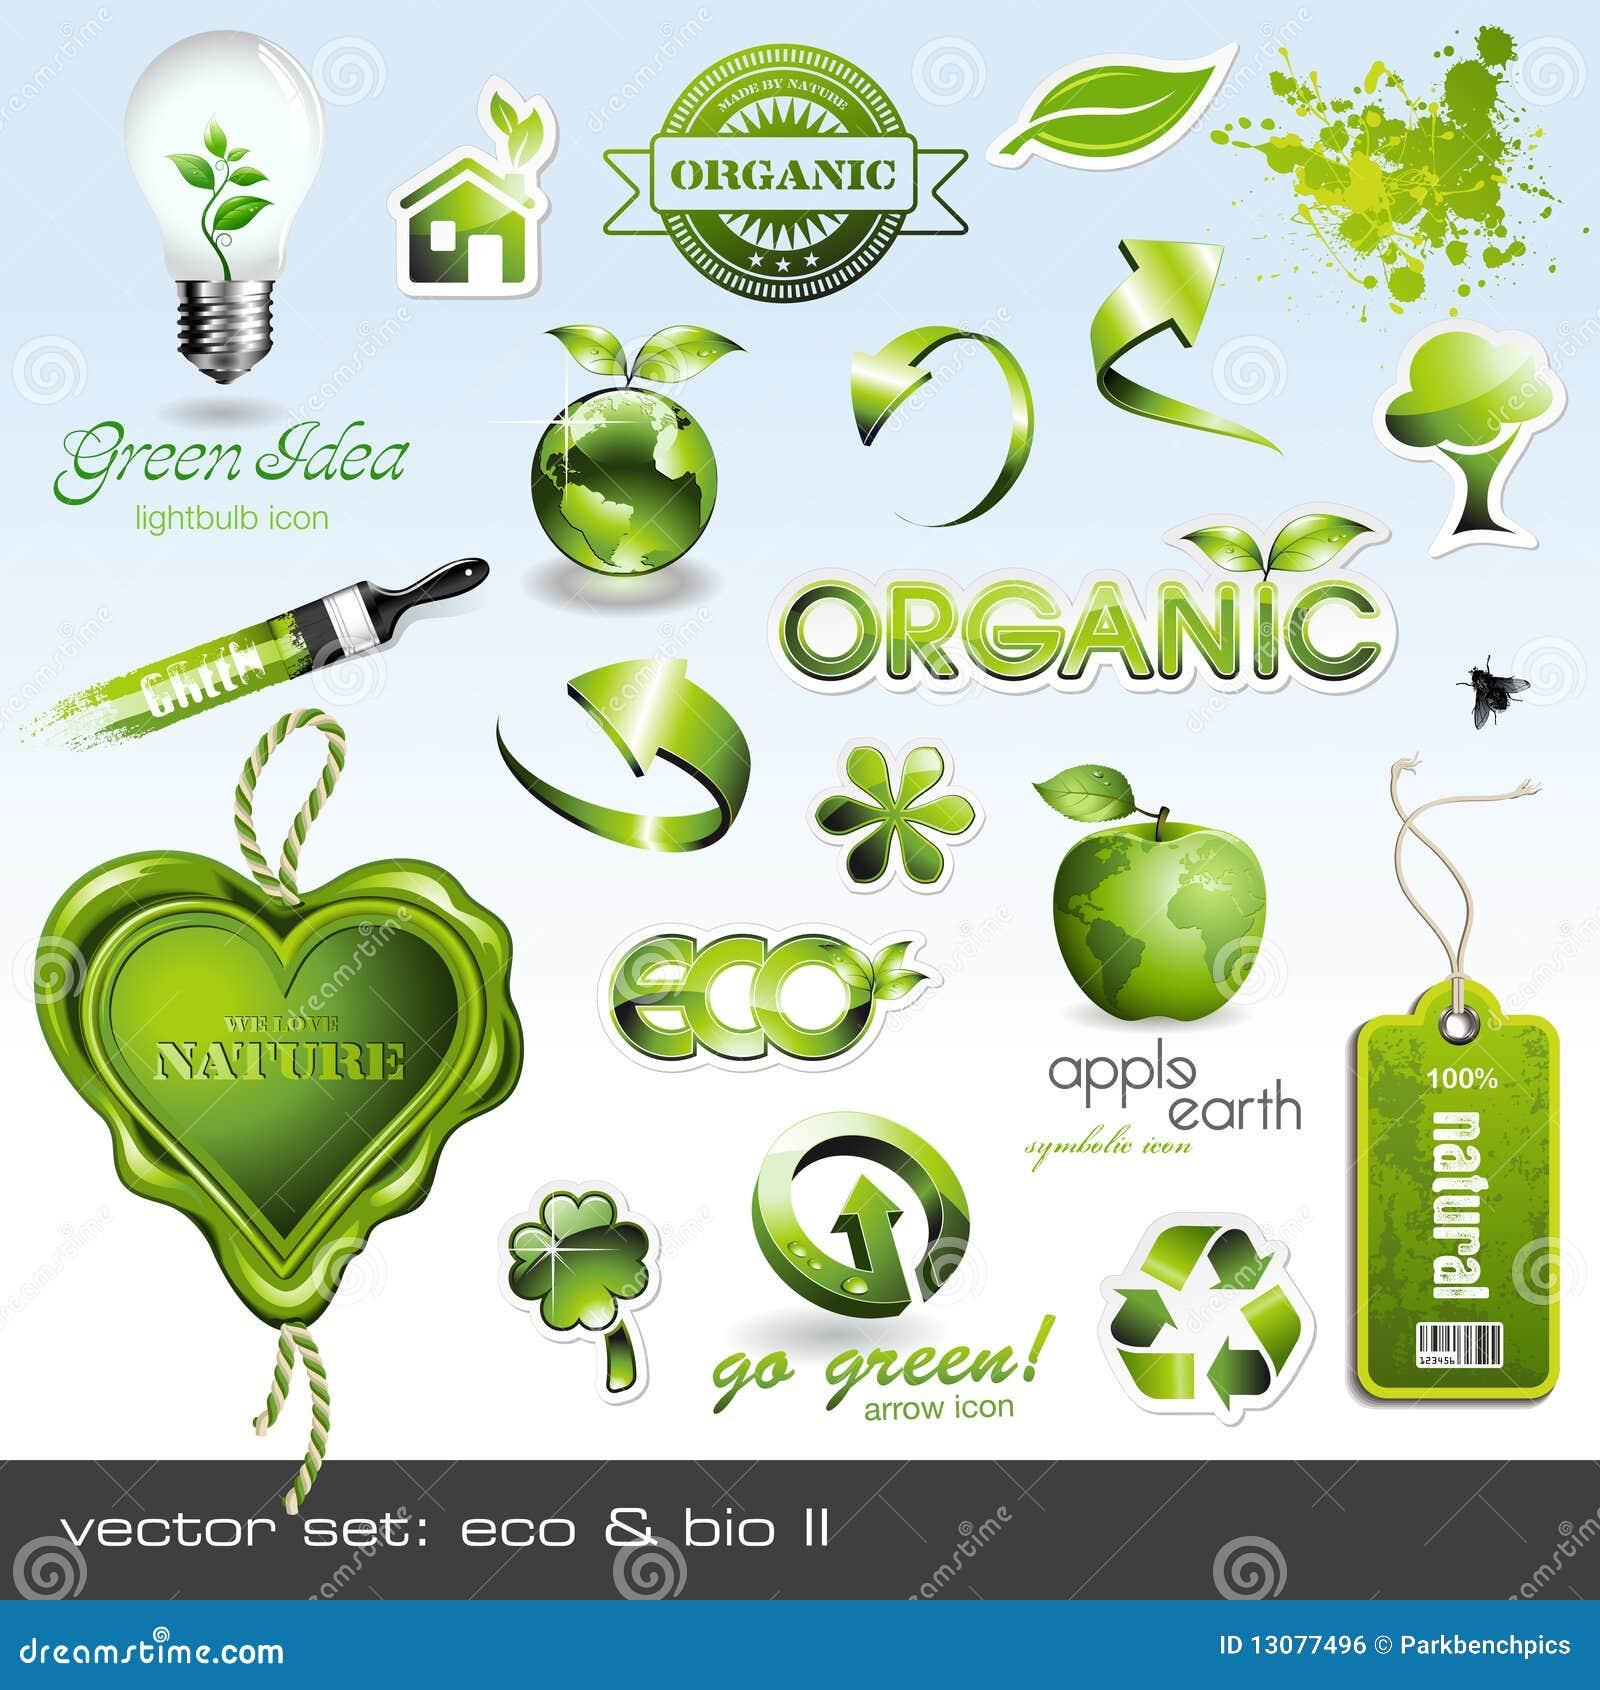 Icons: eco & bio II